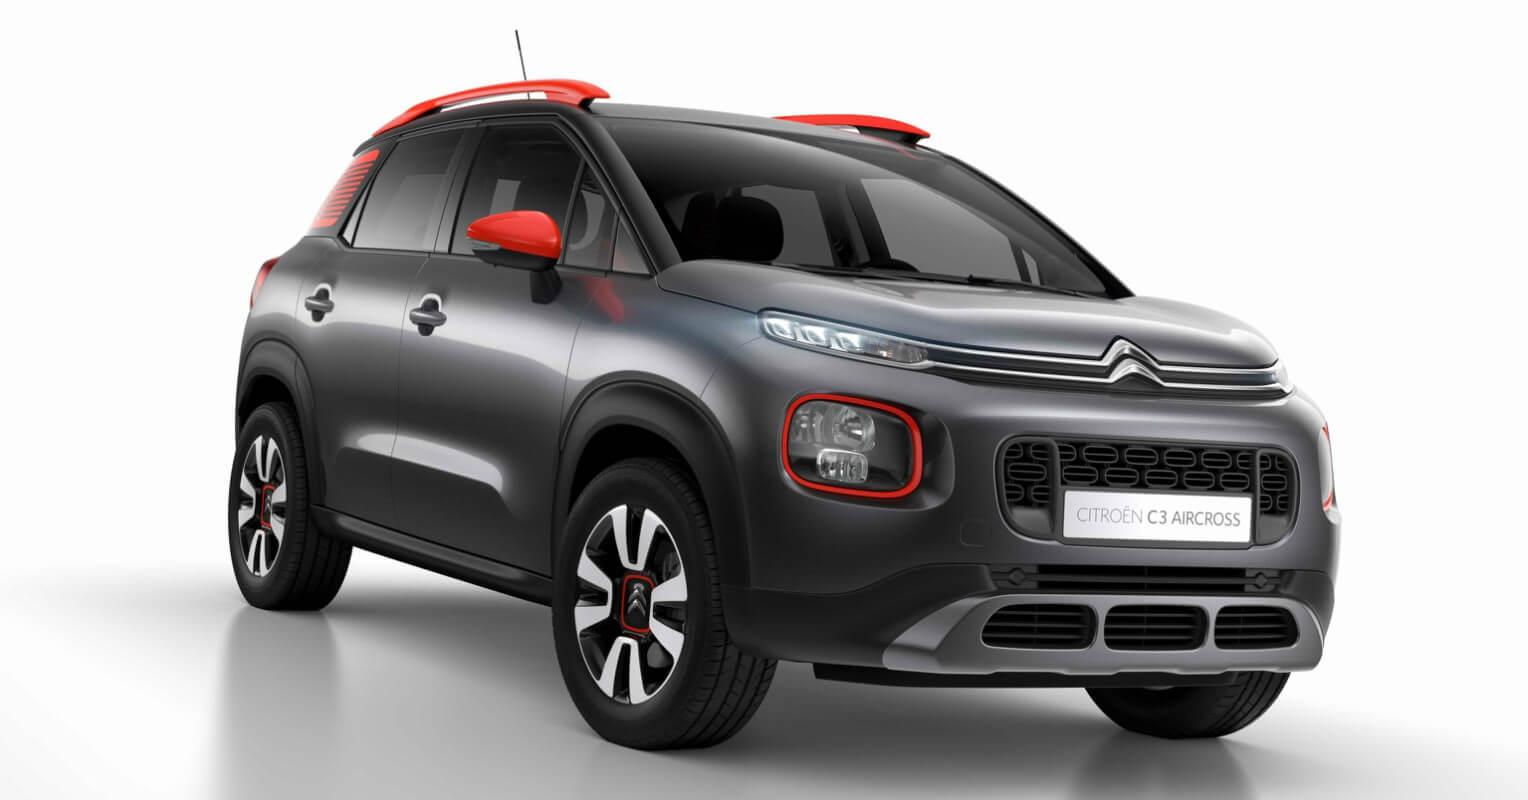 Citroën C3 Aircross finalista coche del año en Europa 2018